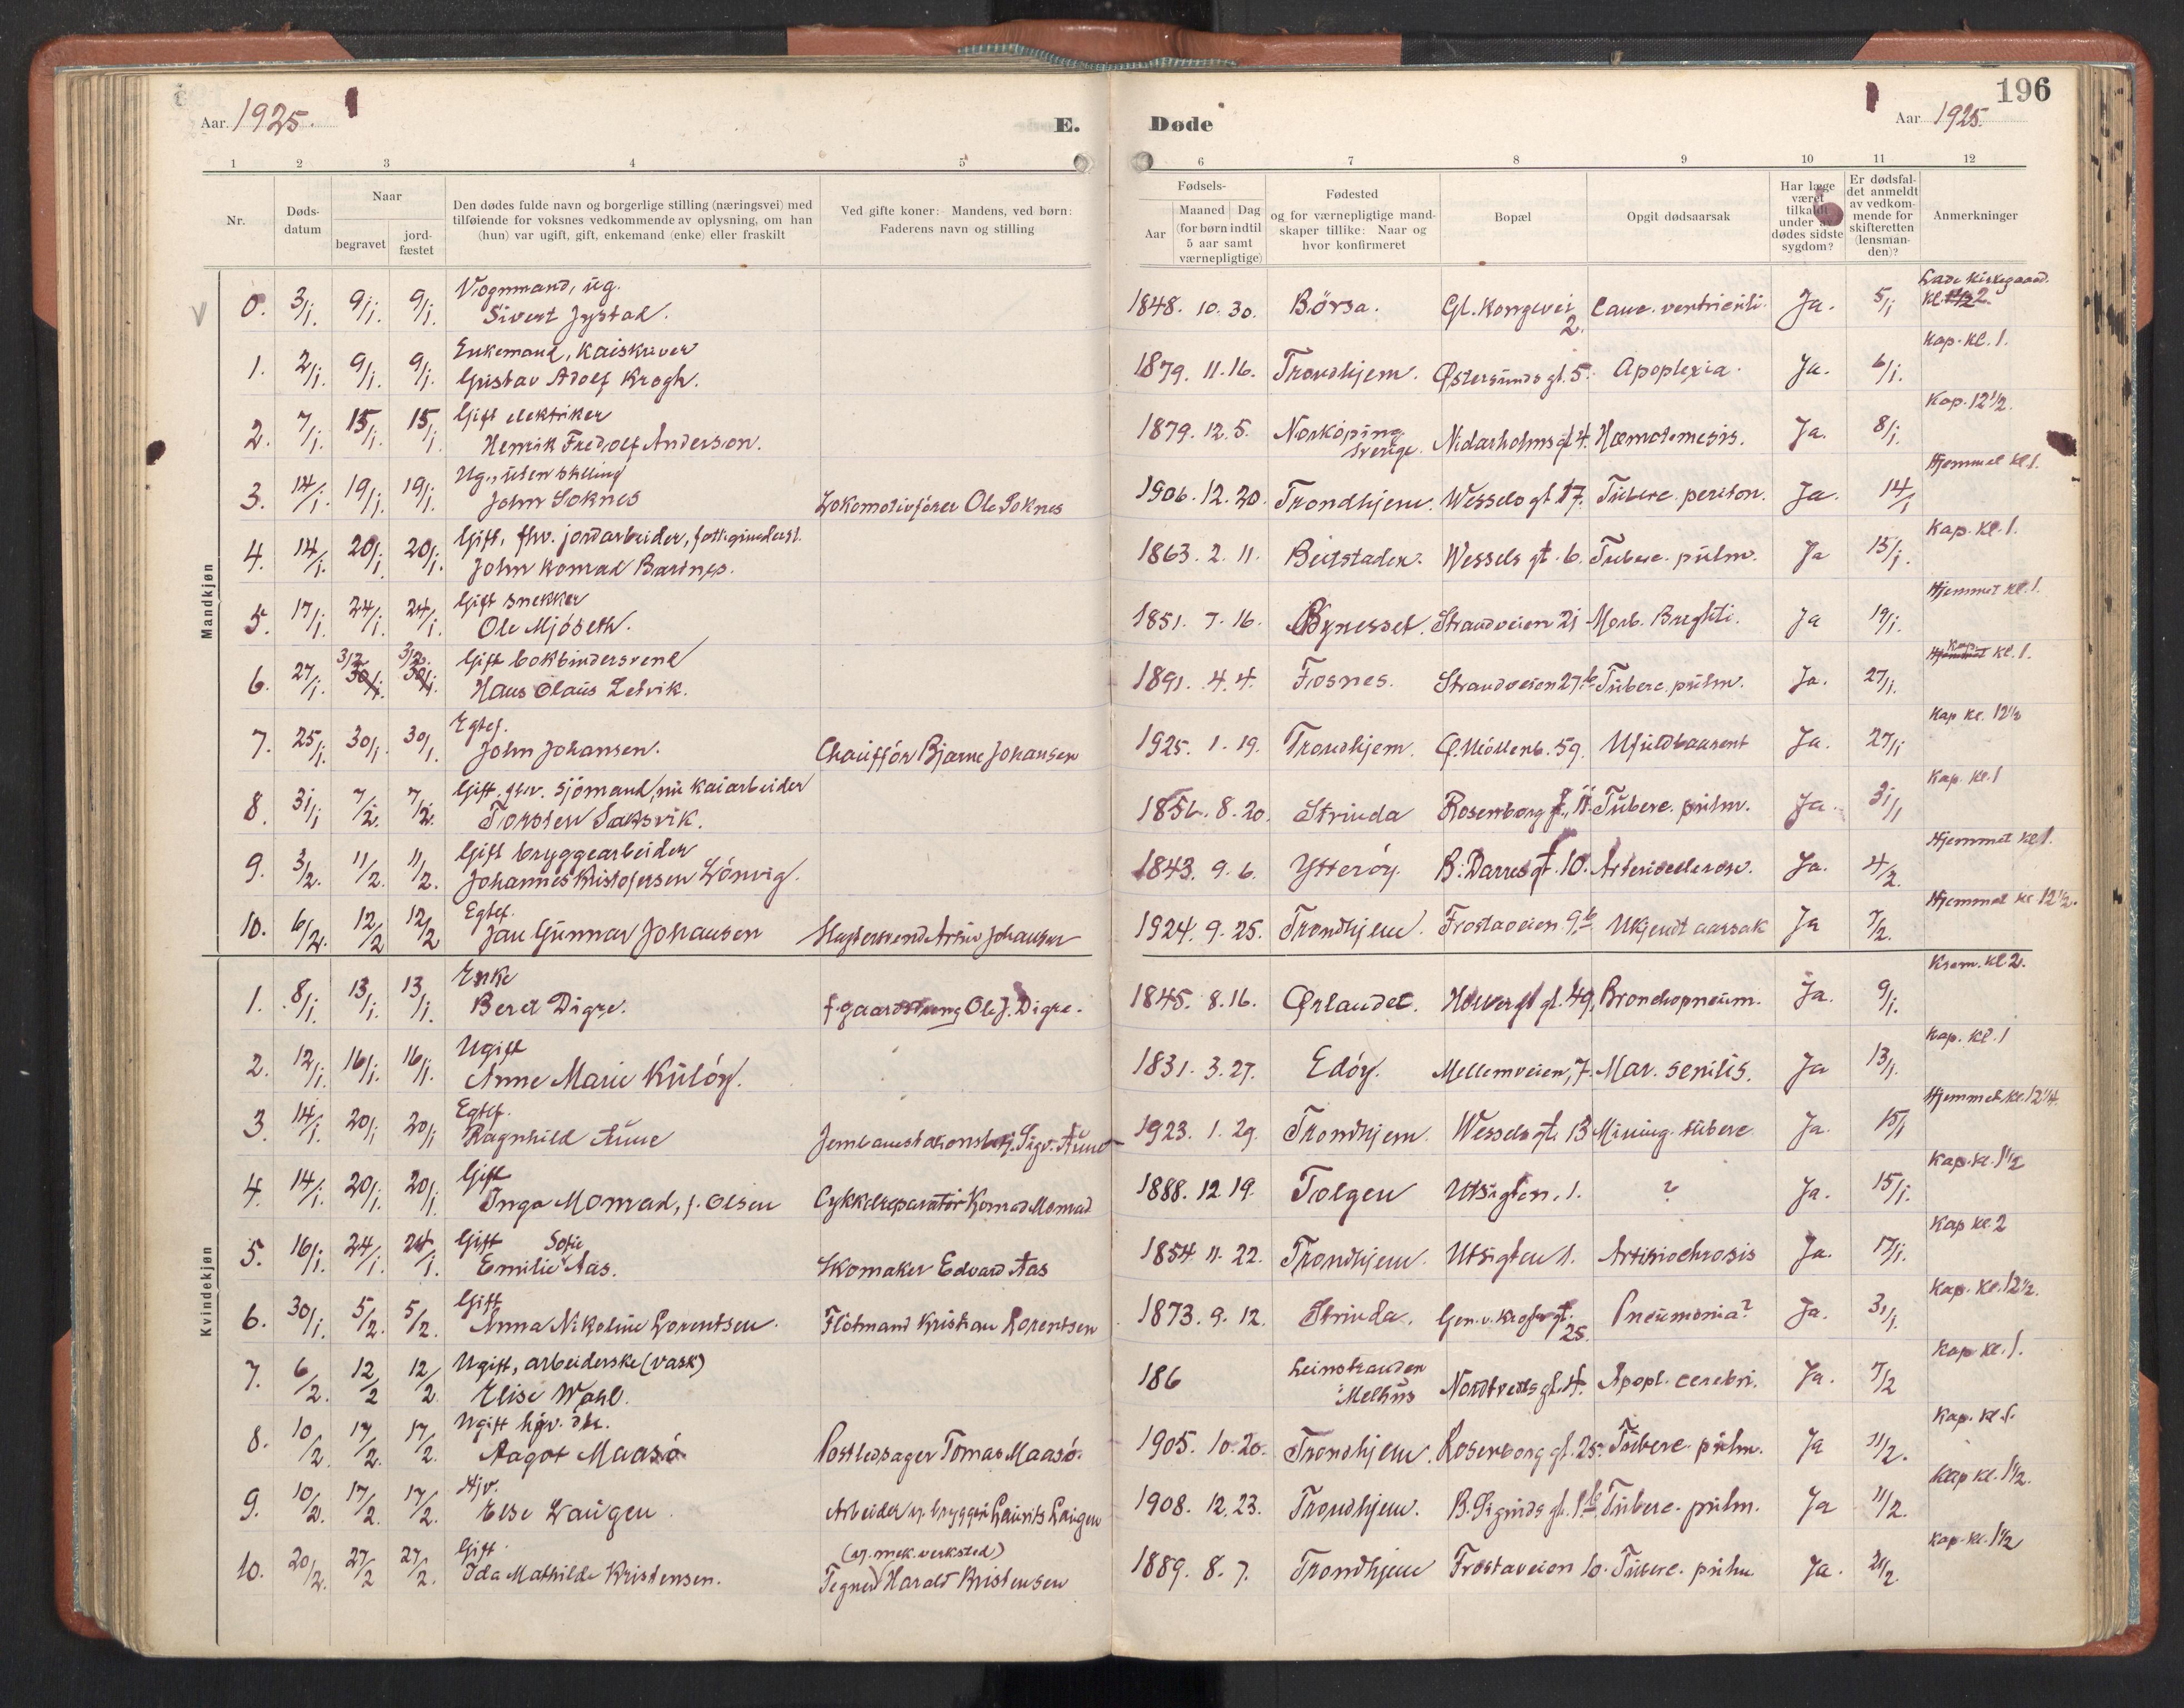 SAT, Ministerialprotokoller, klokkerbøker og fødselsregistre - Sør-Trøndelag, 605/L0245: Ministerialbok nr. 605A07, 1916-1938, s. 196